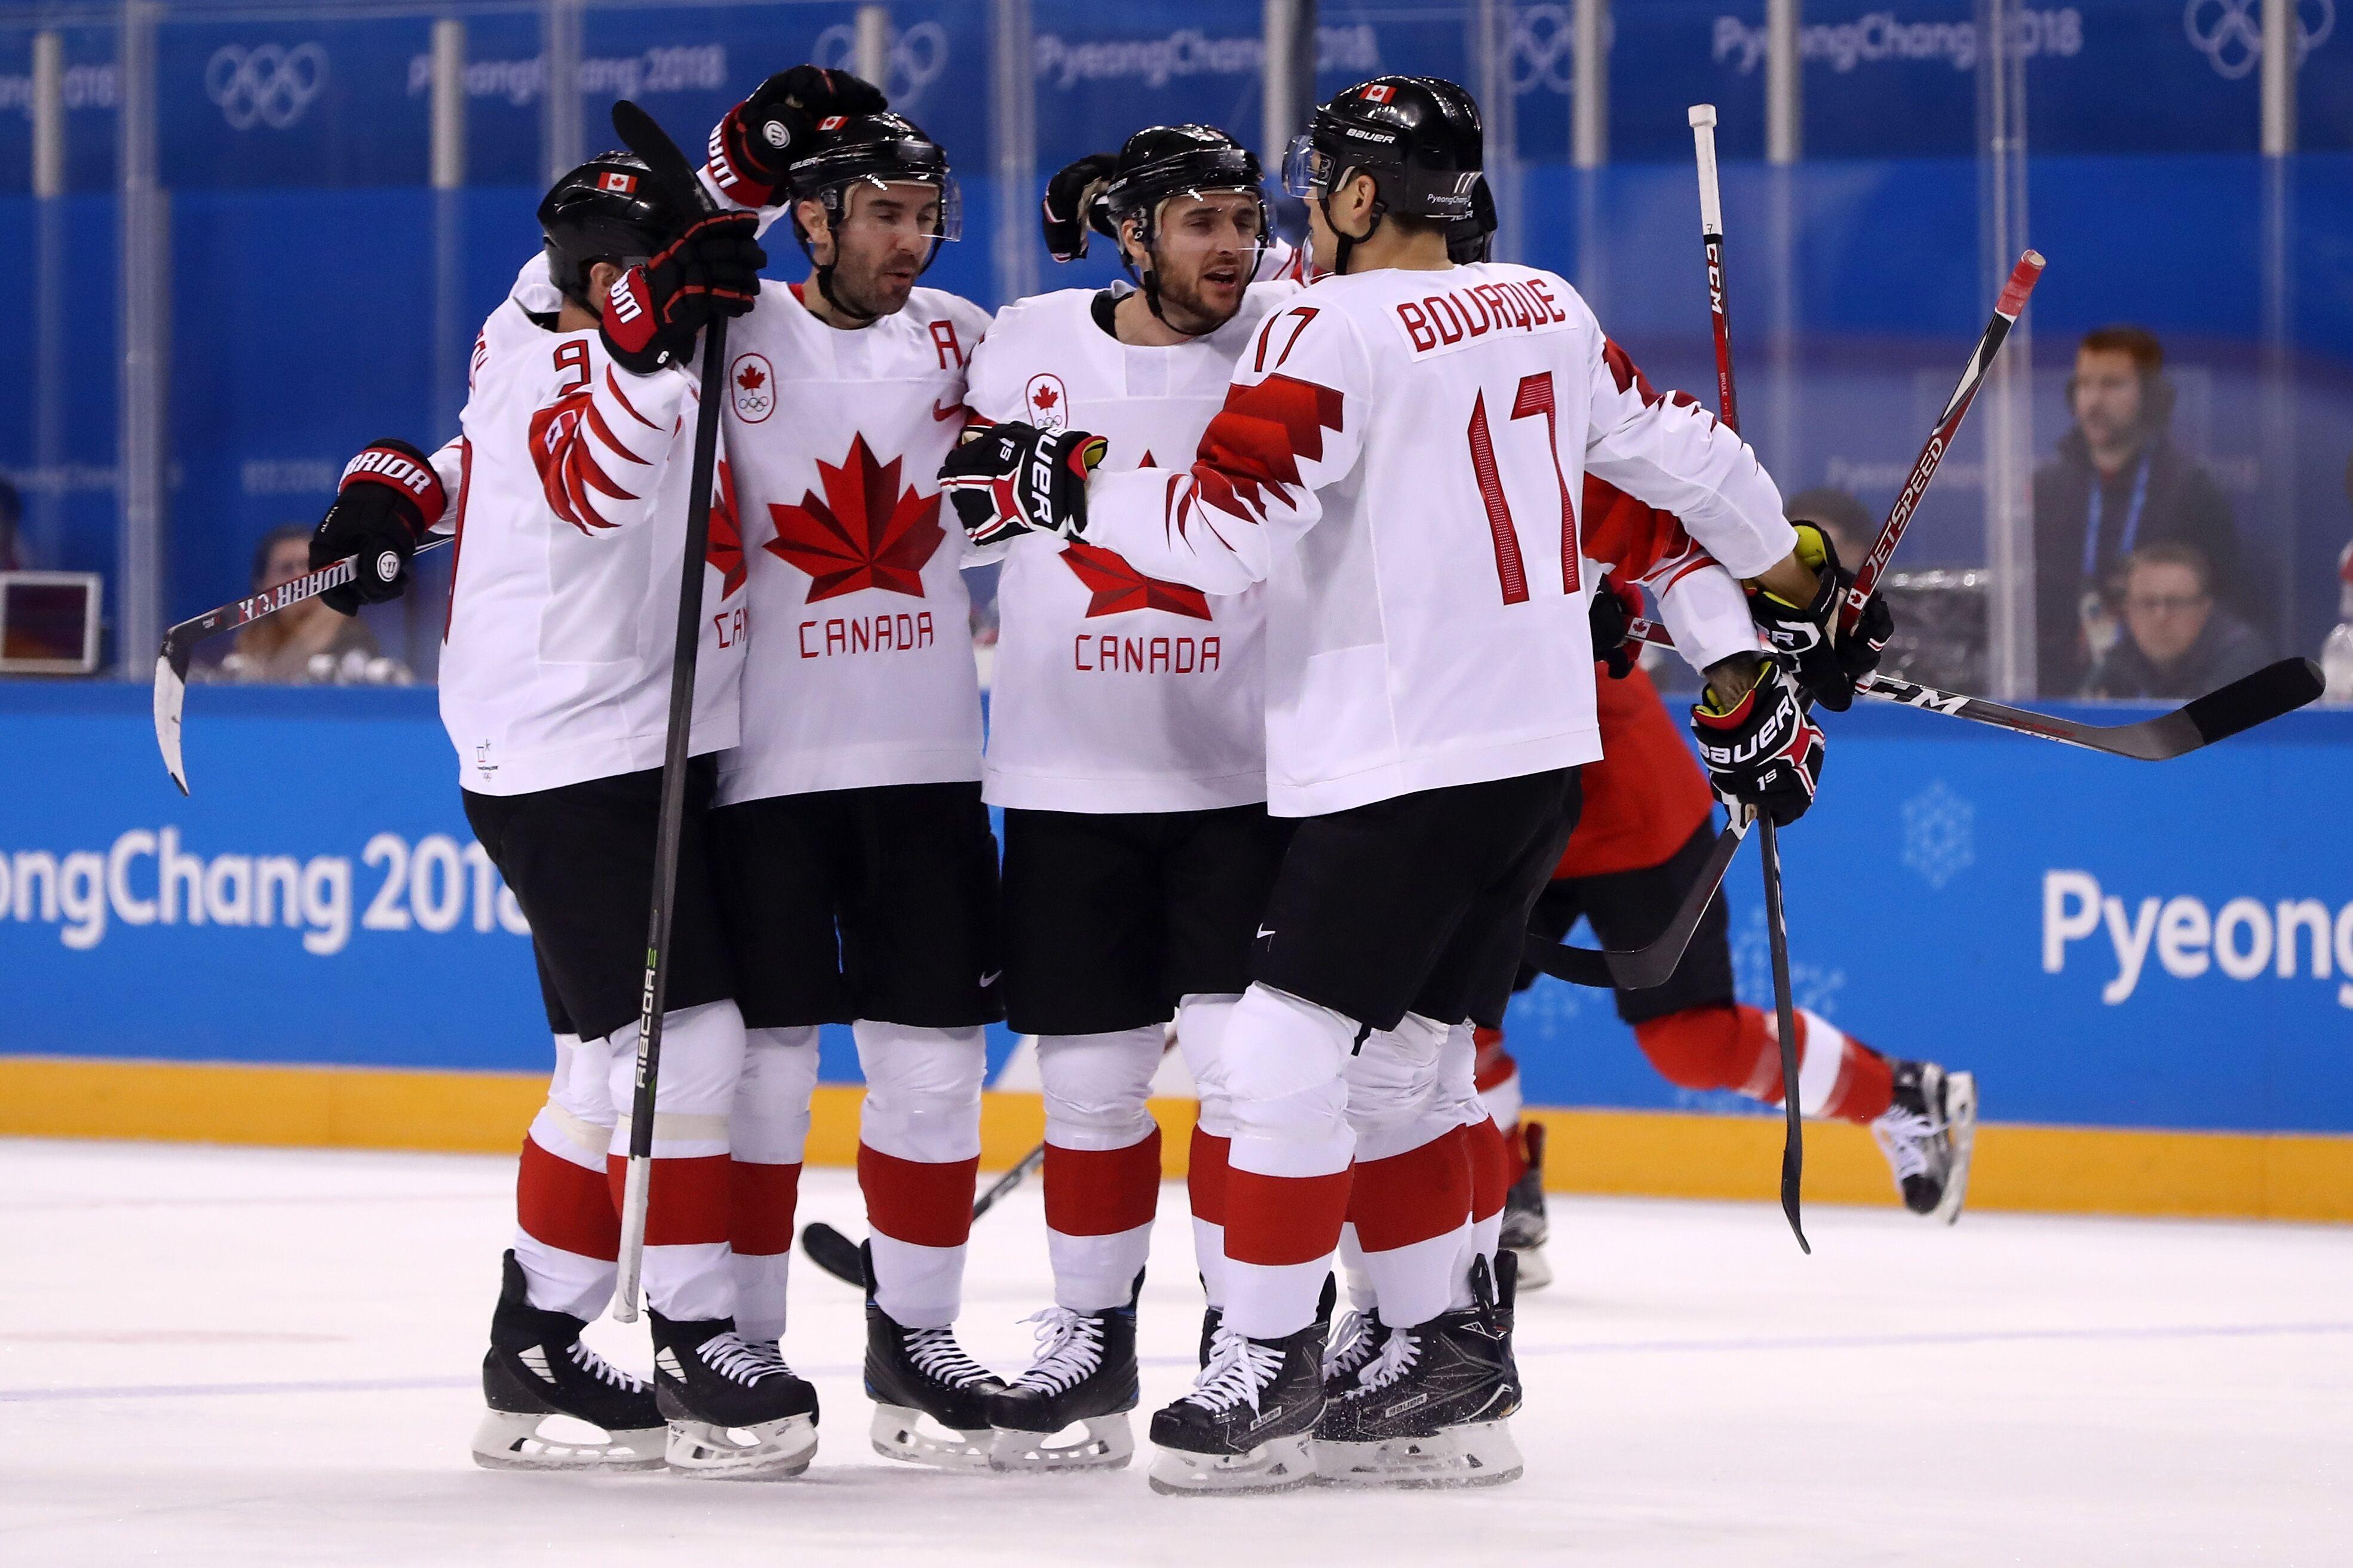 Olympics men's hockey, Canada vs. South Korea live stream ...